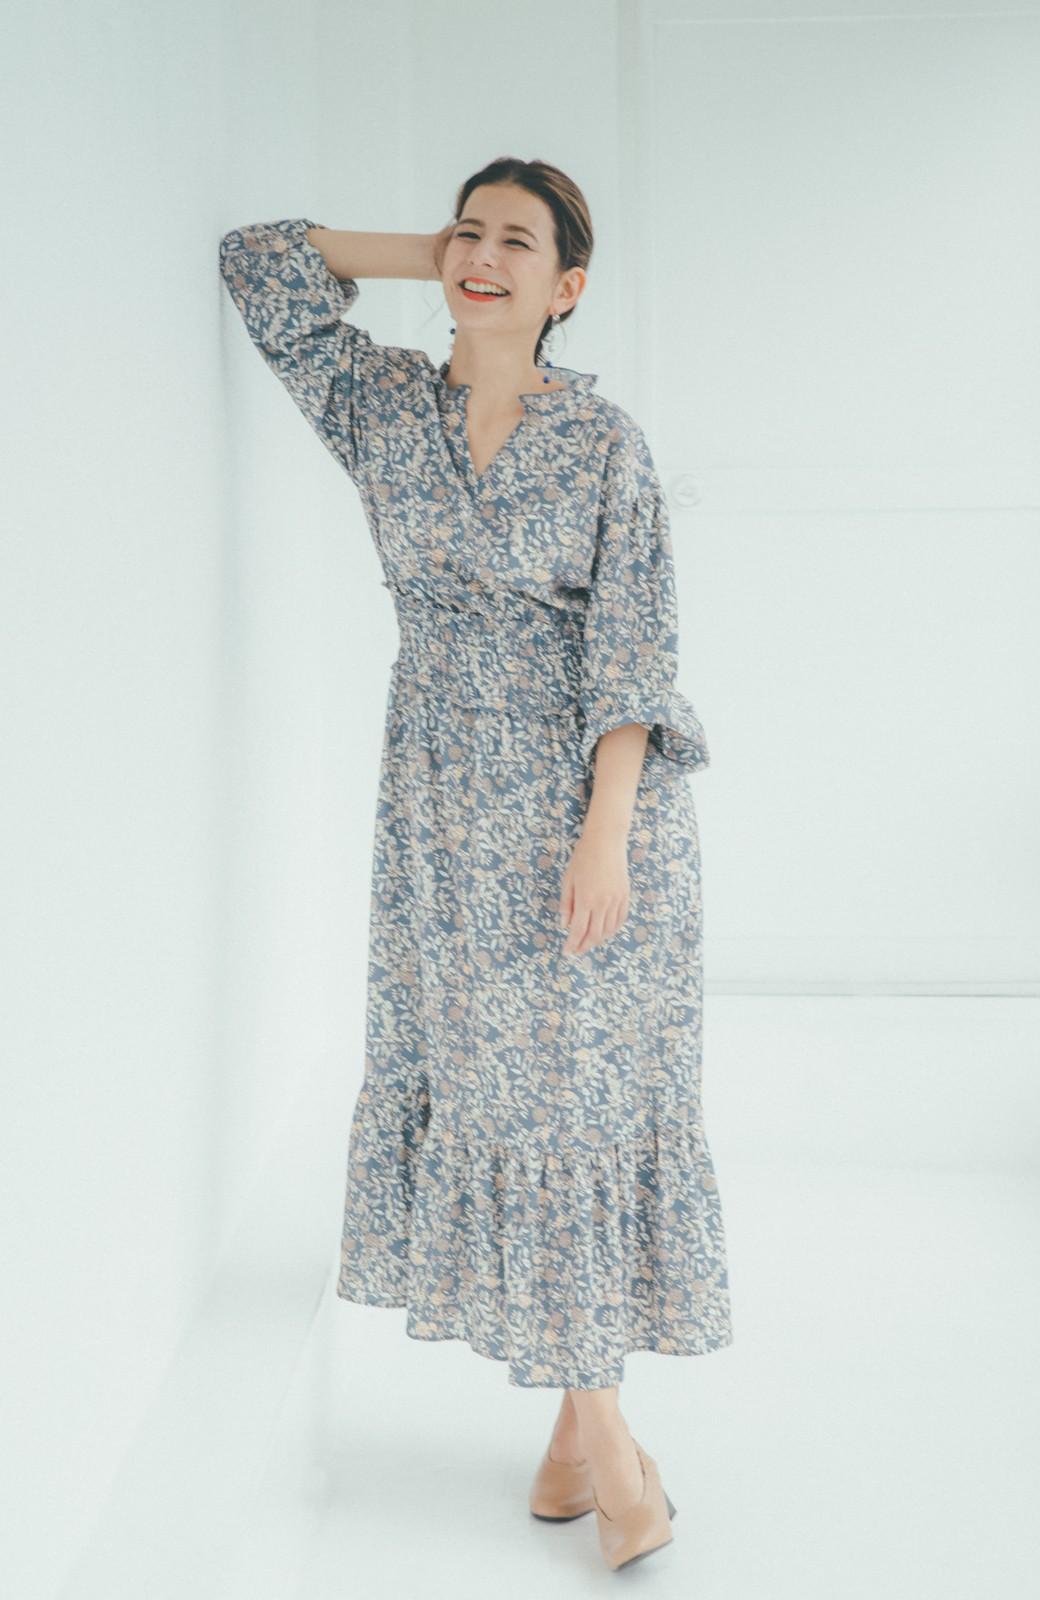 haco! 【スザンヌさんコラボ】大人の華やかさを詰め込んだ ウエストシャーリングのスタイルアップワンピース by LOVE&PEACE PROJECT <ブルー>の商品写真14